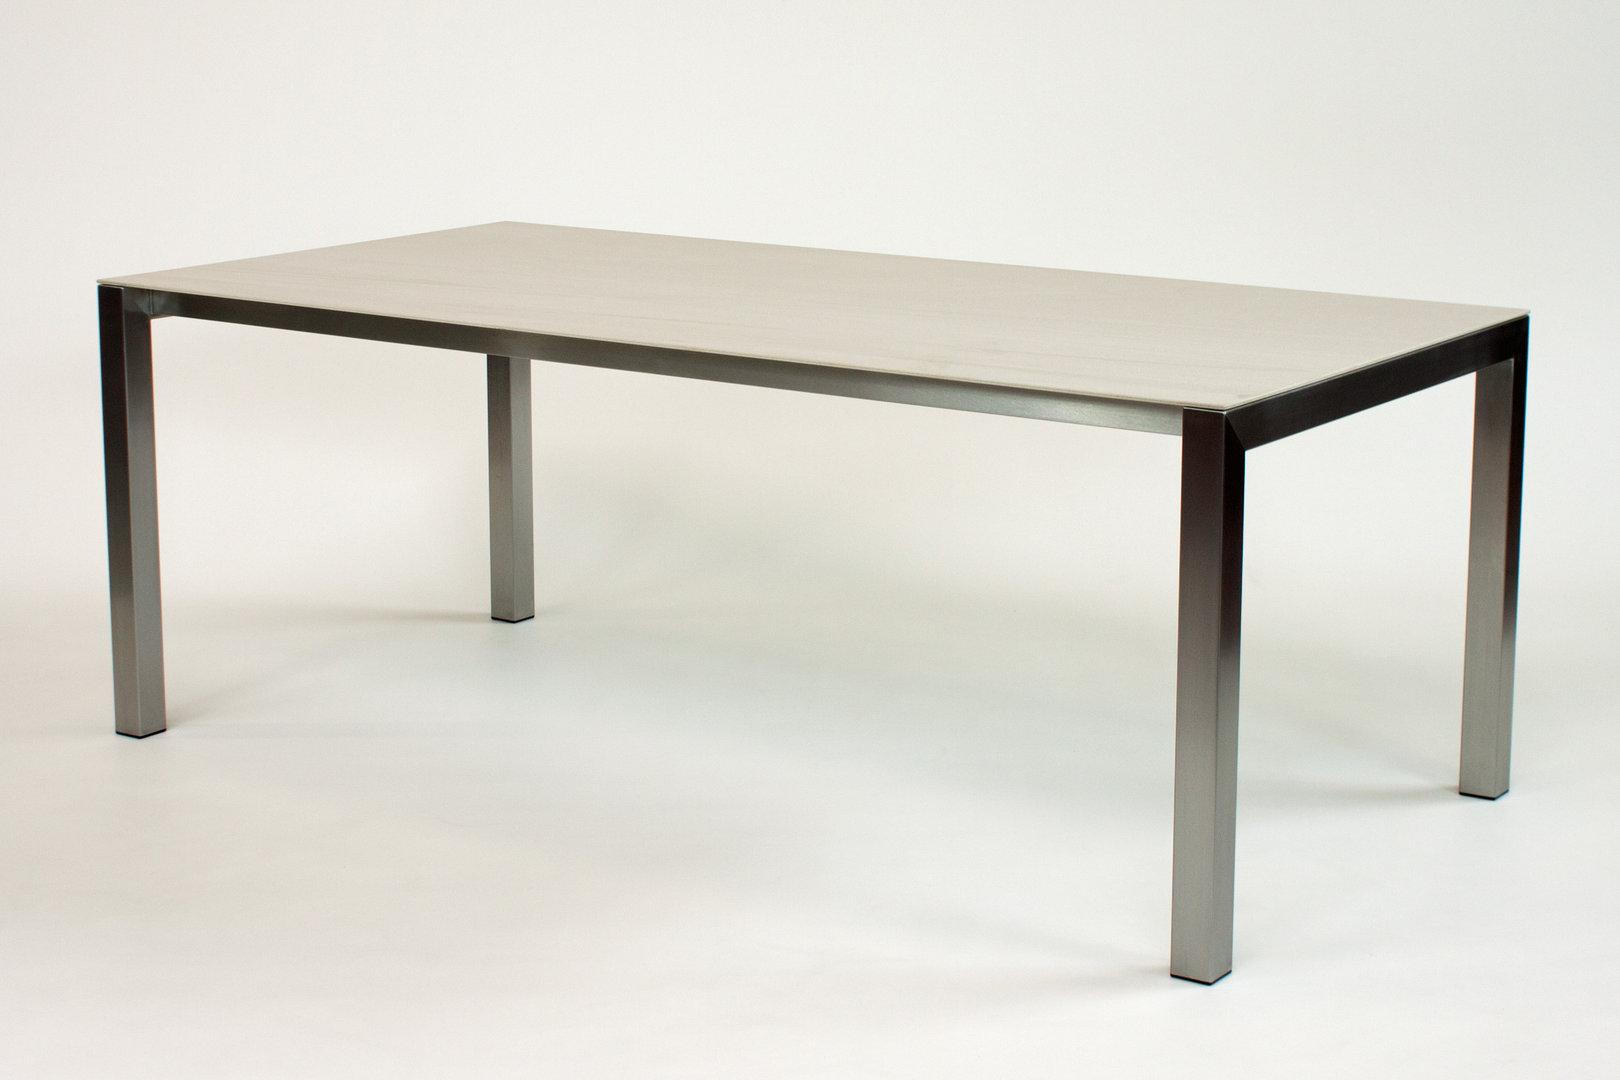 Esstische mit Keramik-Tischplatte